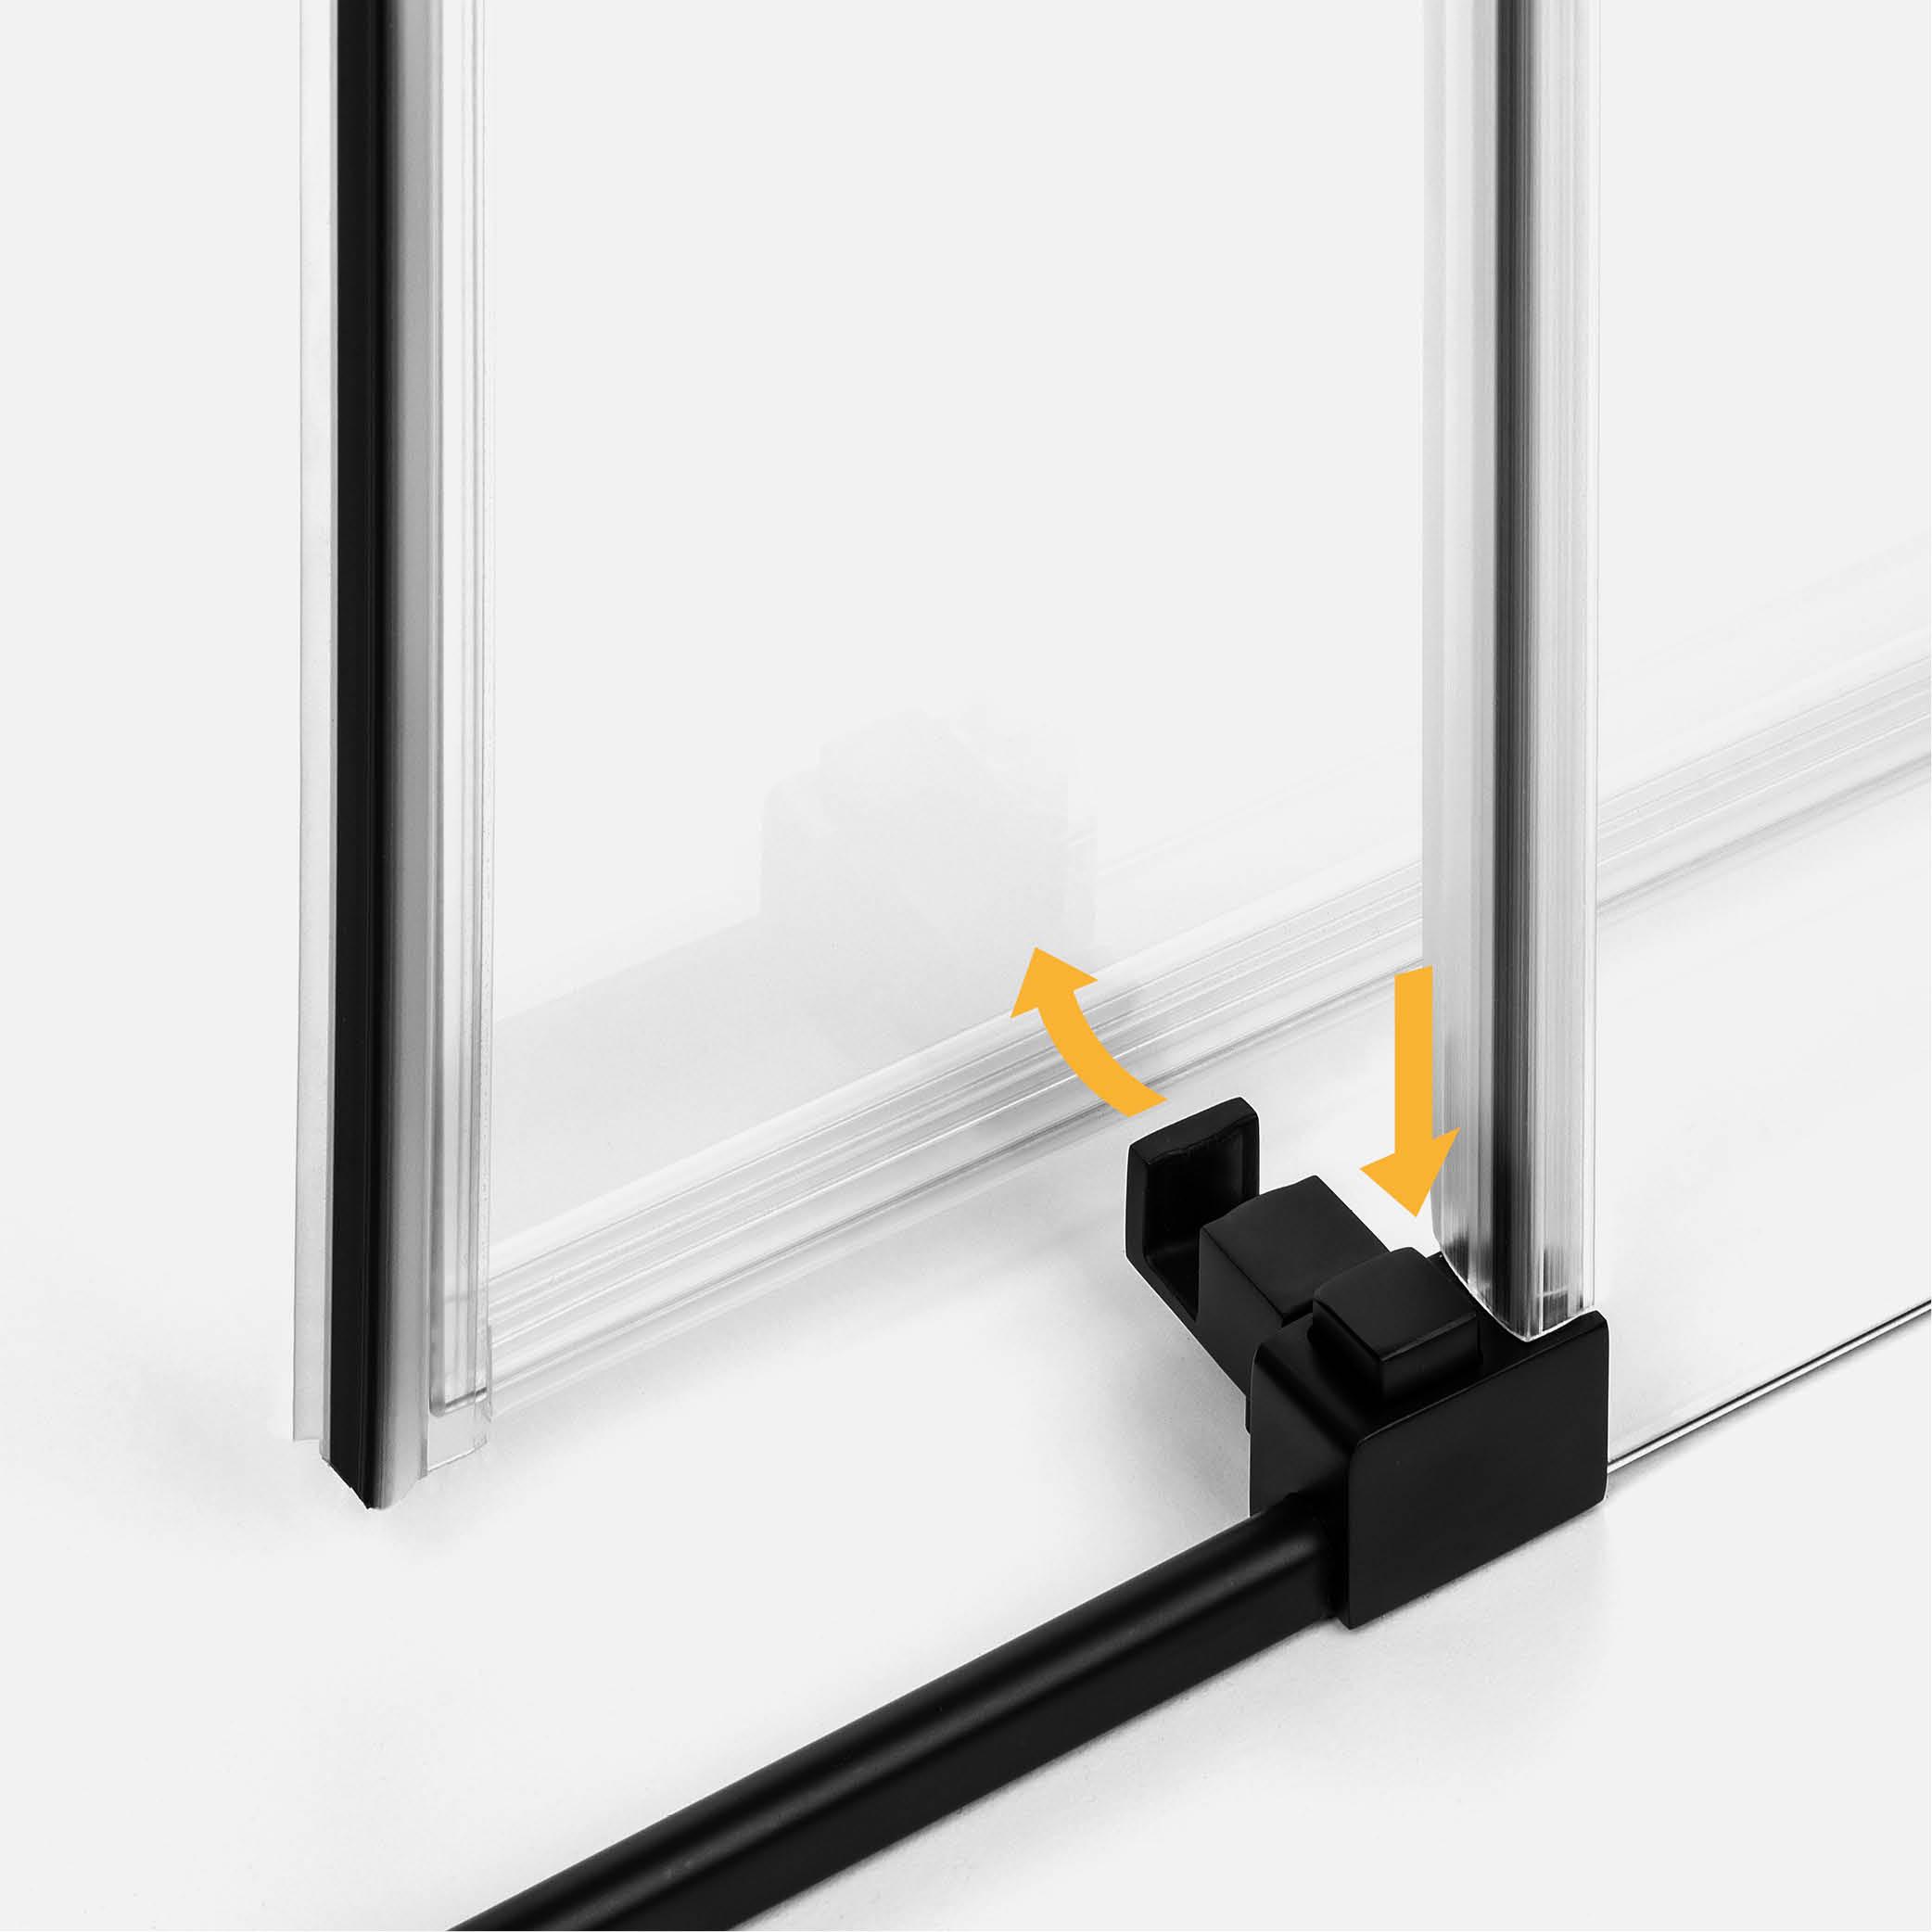 Drzwi z funkcją łatwego wypinania